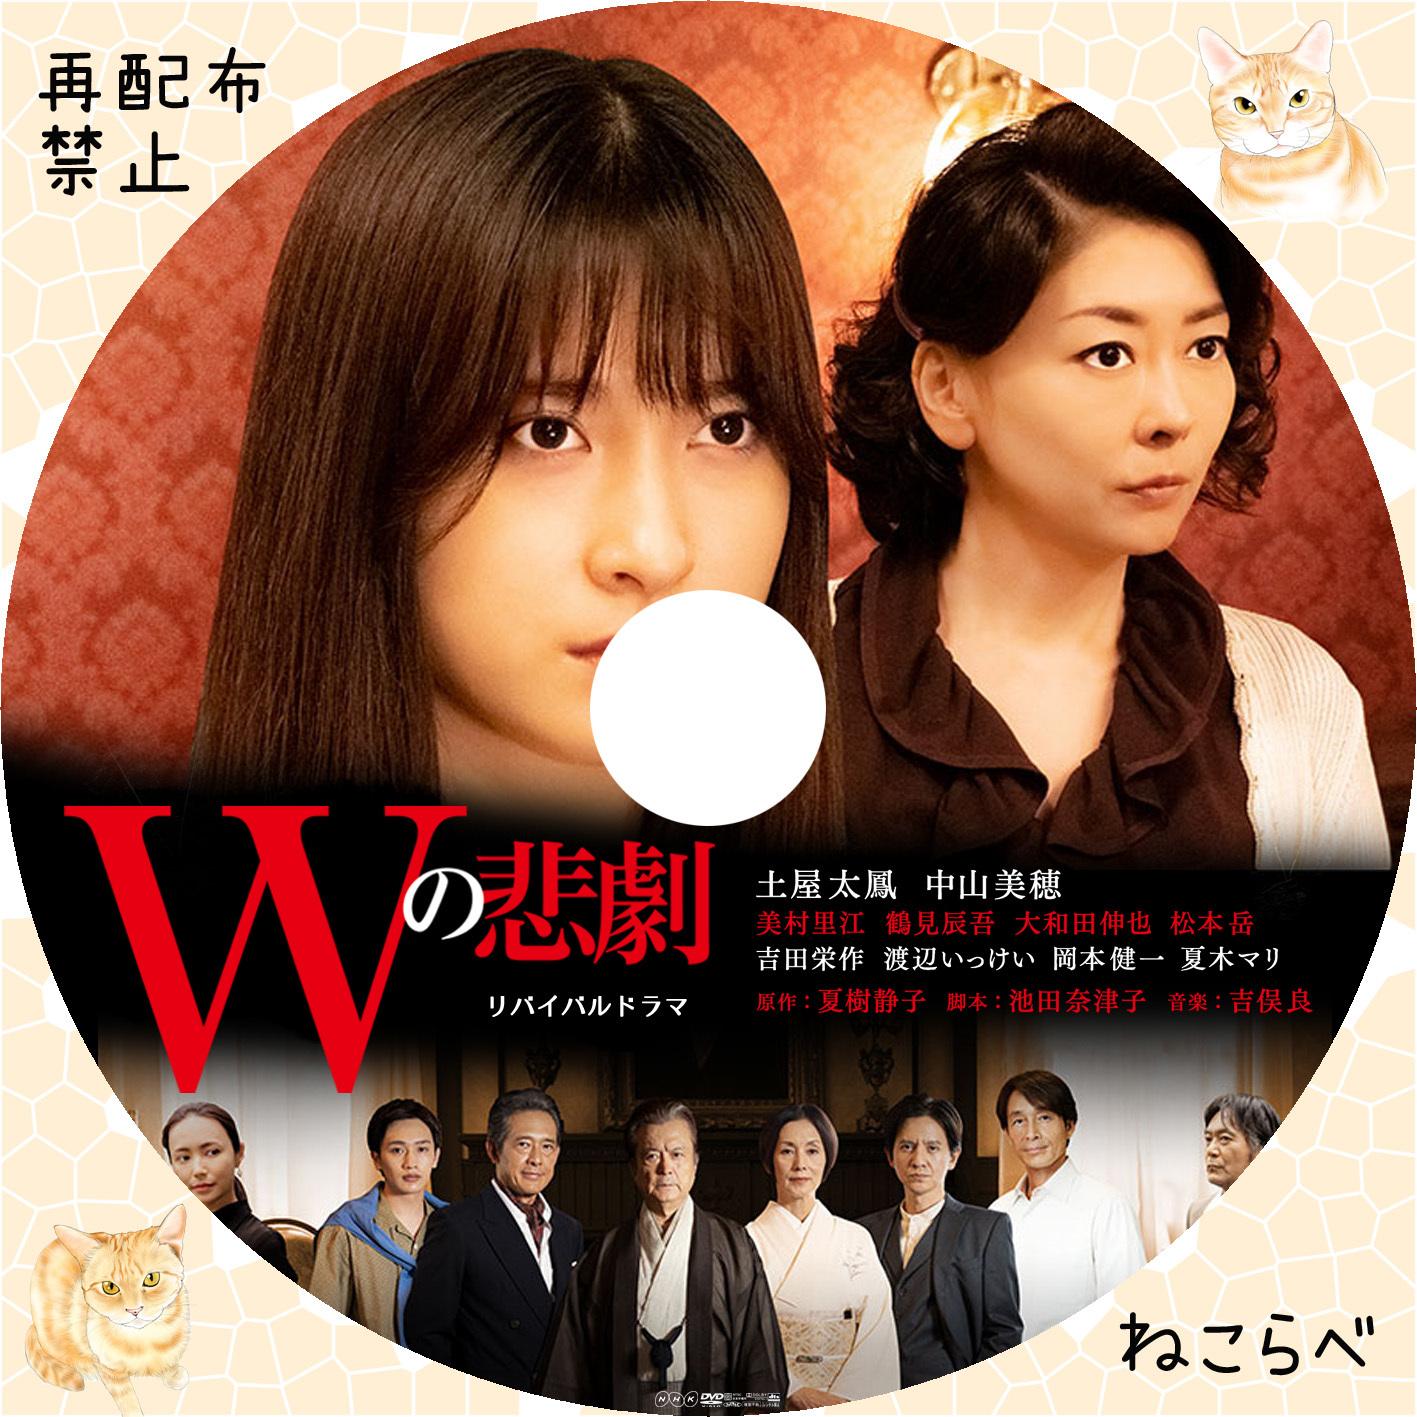 Wの悲劇 - へたっぴな自作DVDラベル&ジャケット